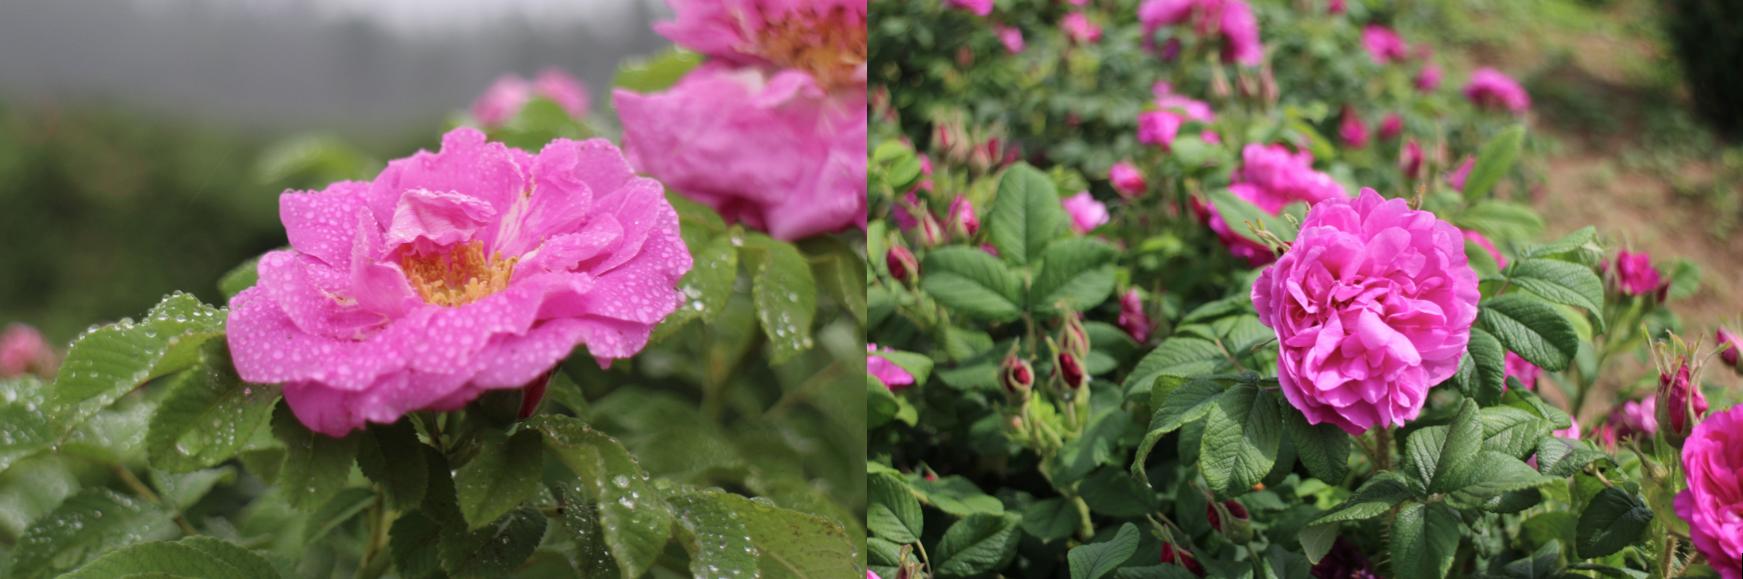 写真右、花びらの重なりが多く、多花性の'豊華'は、フルーティーな甘い香りも特徴。写真左の'紫枝'は、'豊華'に比べると花びらの重なりは少ないのですが、ひと回り大きな花で開花時期も長く、ブルガリアローズにレモンの風味を感じる爽やかな香りです。